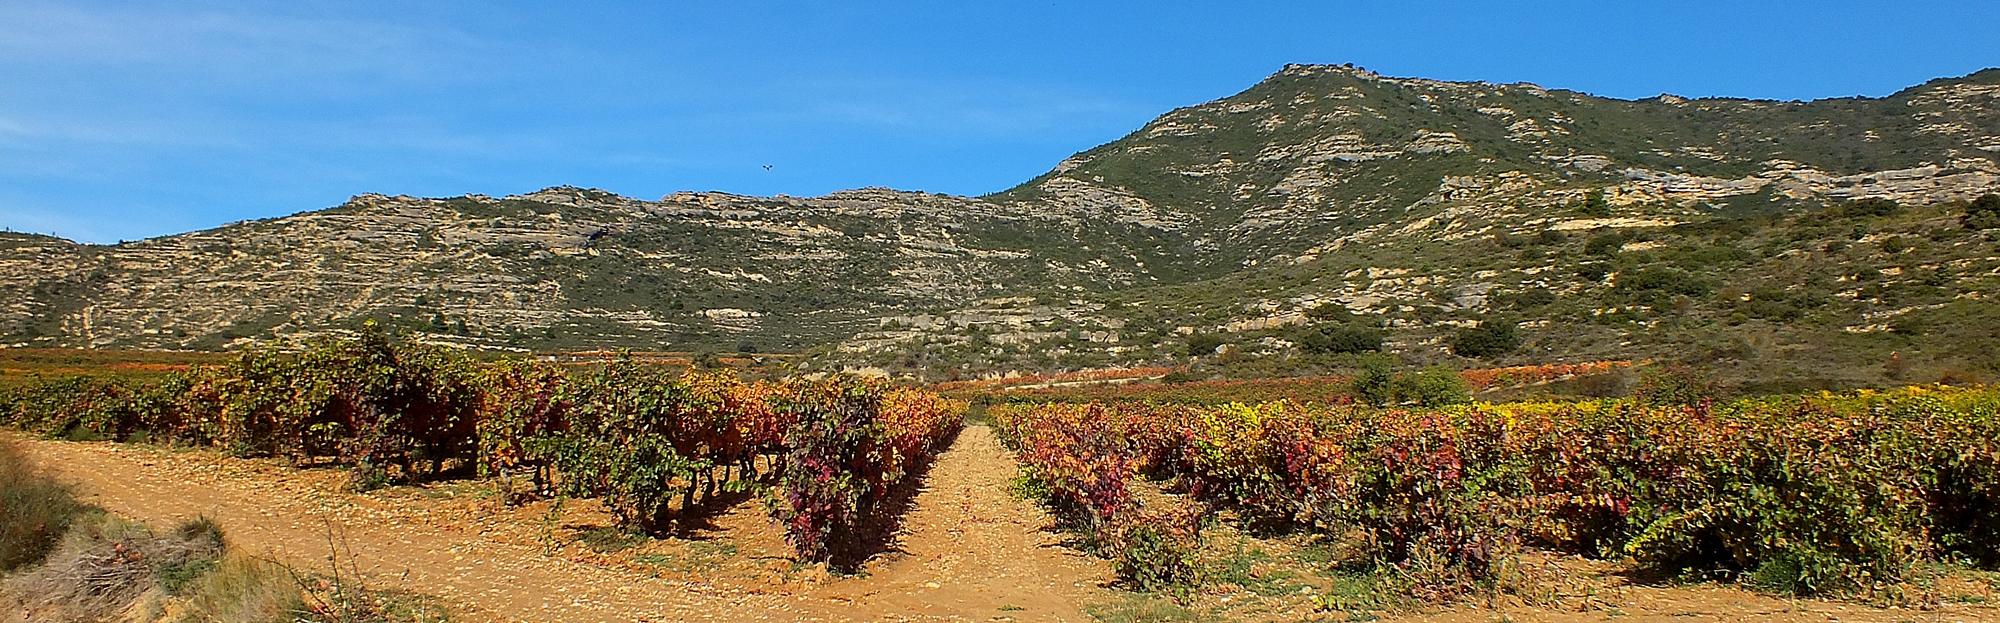 Rutas de vino en Rioja Alavesa y Rioja Alta